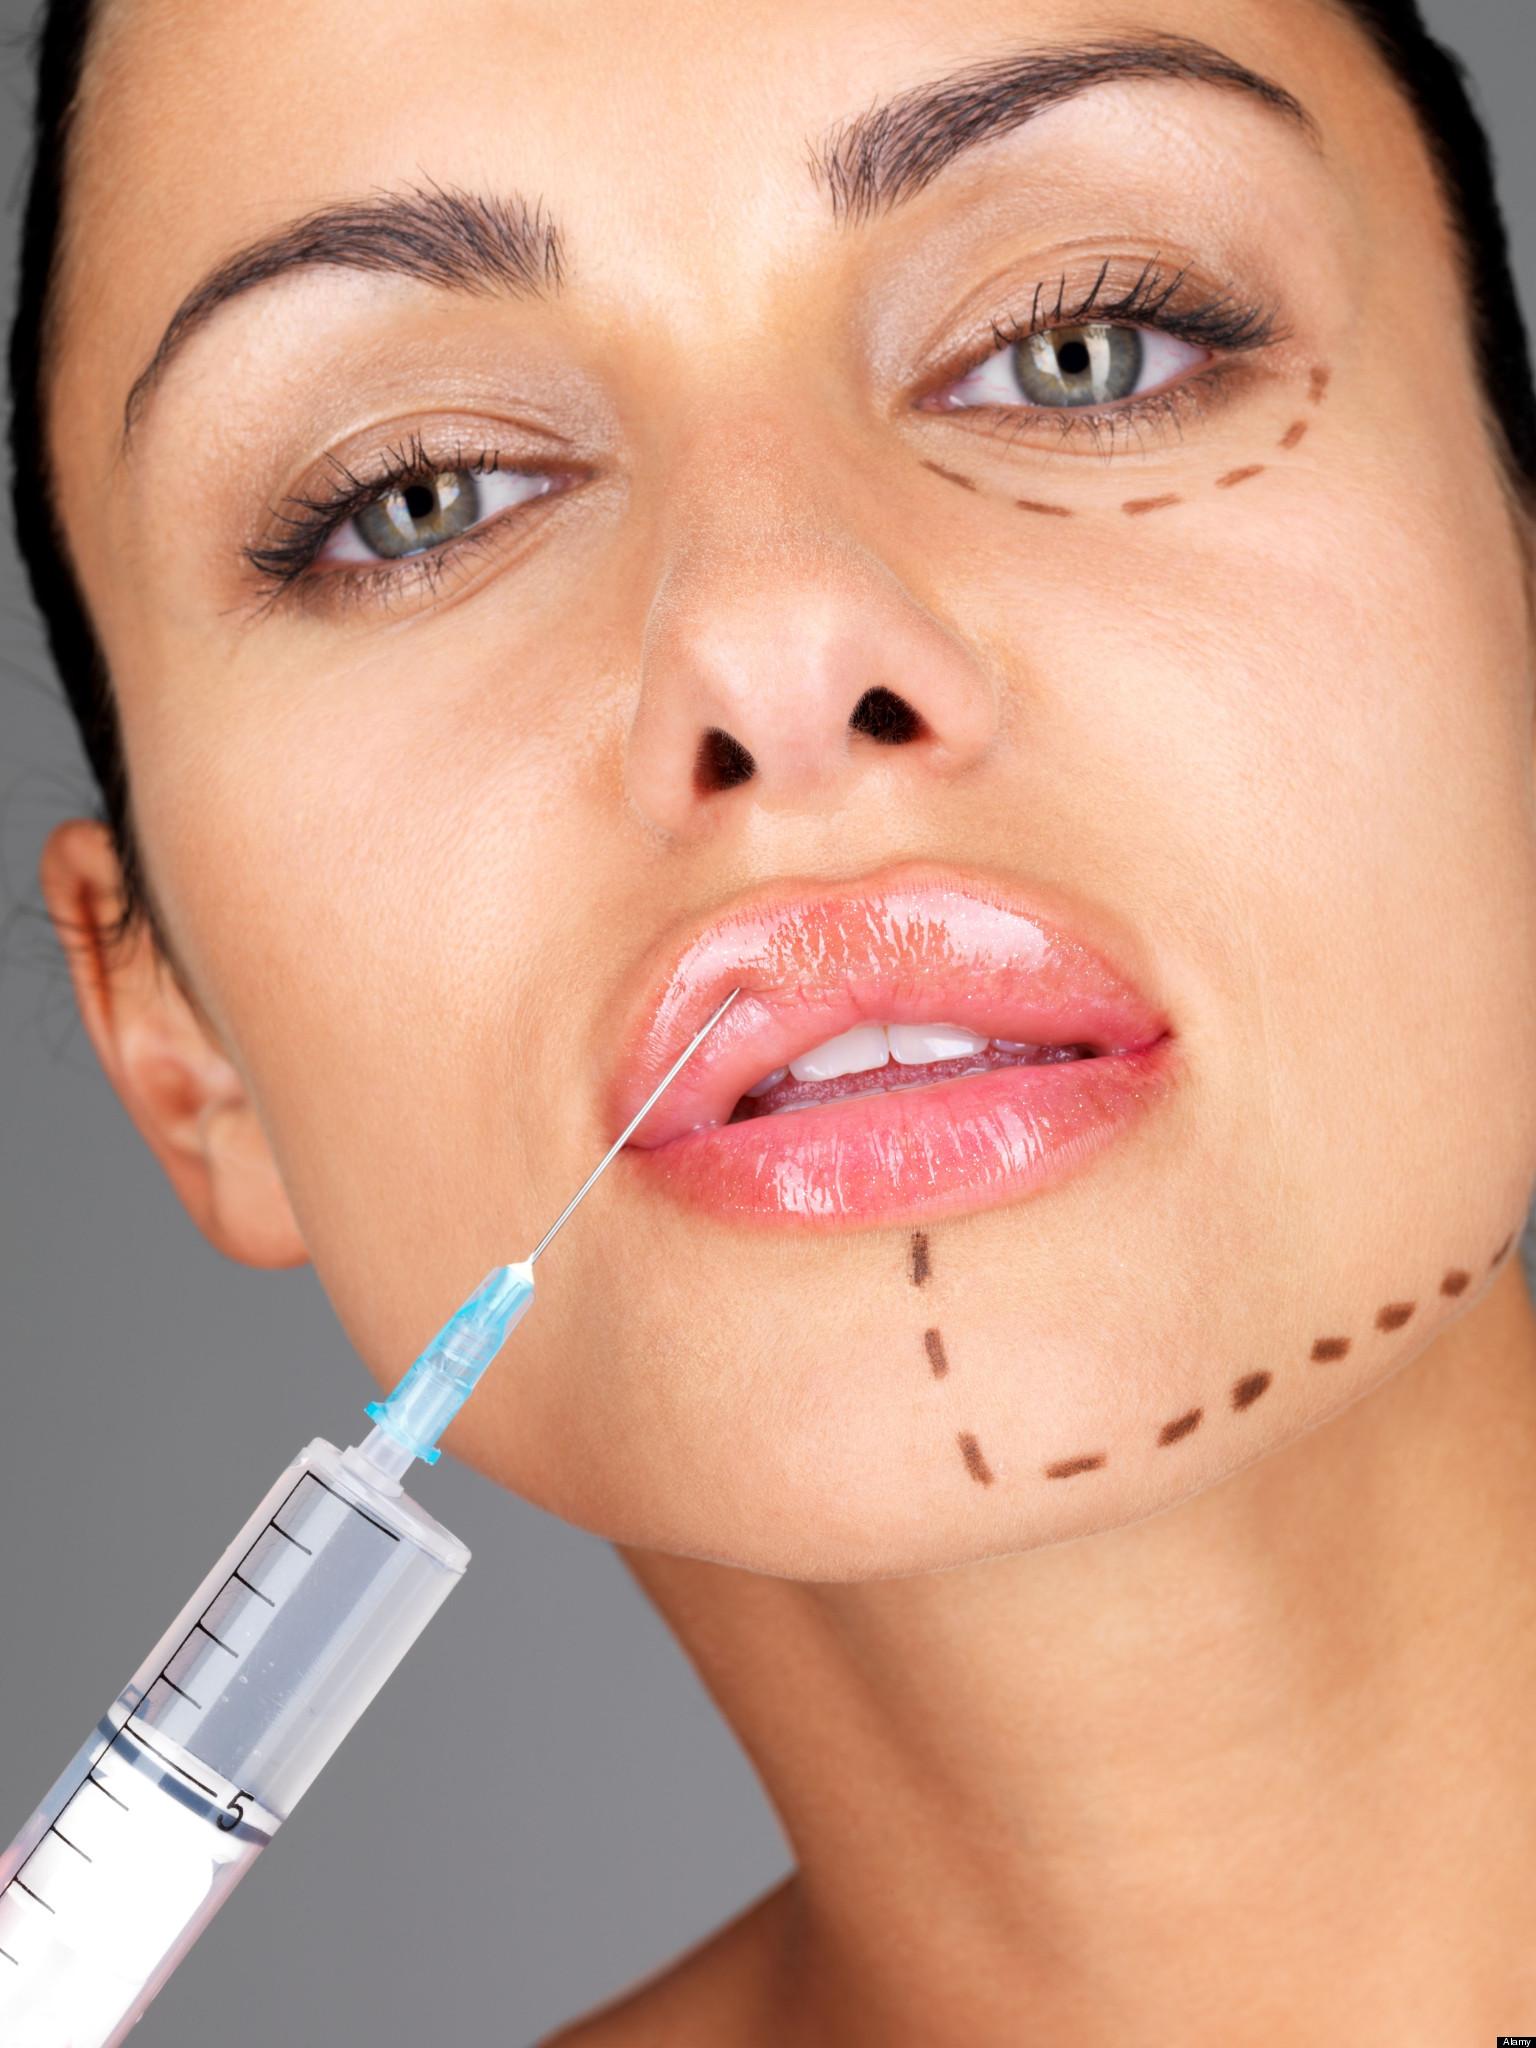 Пластика уздечки верхней губы: зачем нужно подрезание 66